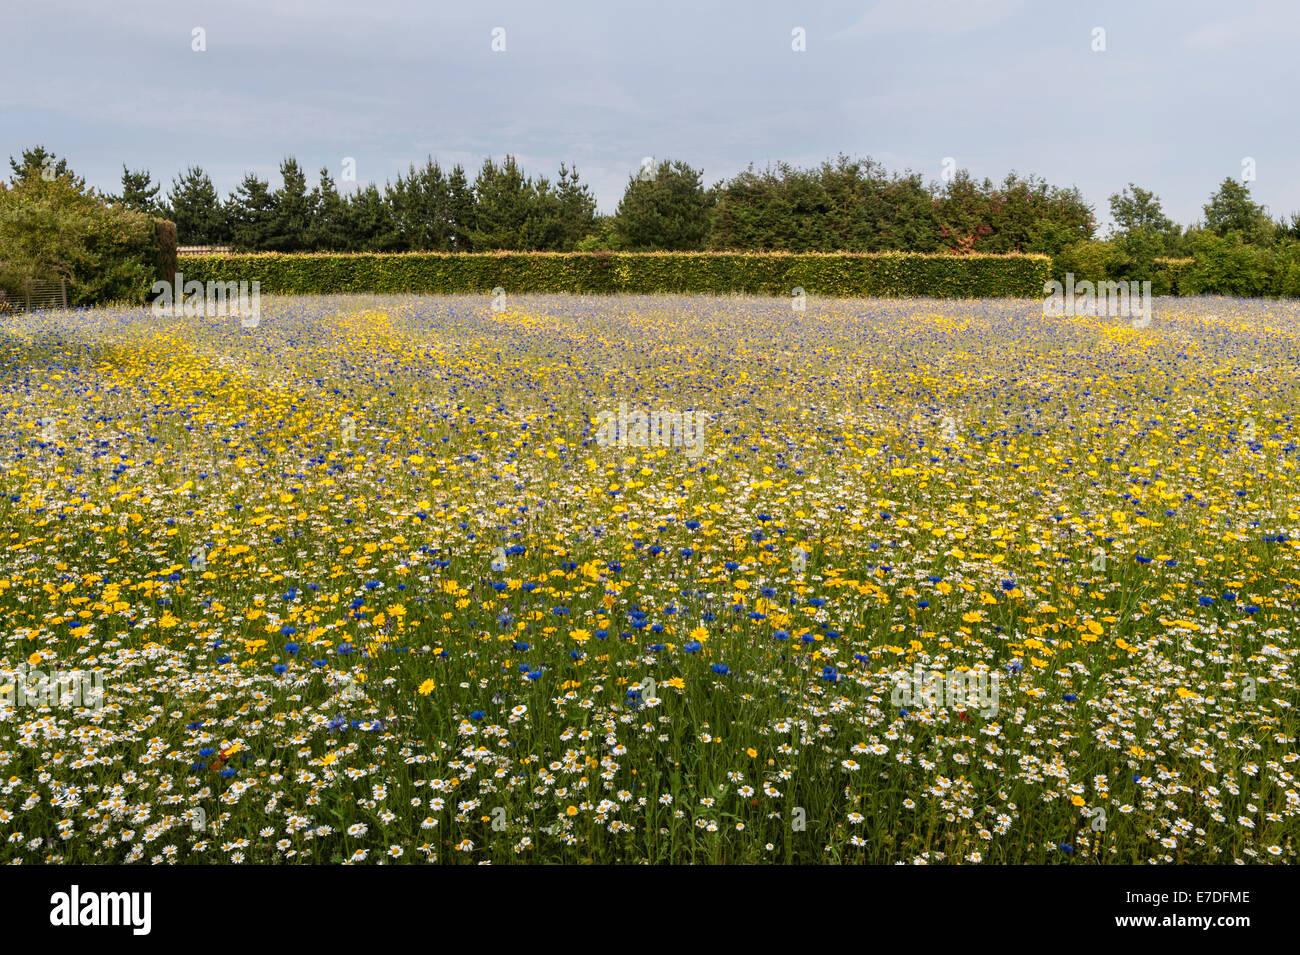 Osten Ruston alte Pfarrhaus Gärten, Norfolk, Großbritannien. Das Maisfeld ist bepflanzt mit einer Mischung Stockbild